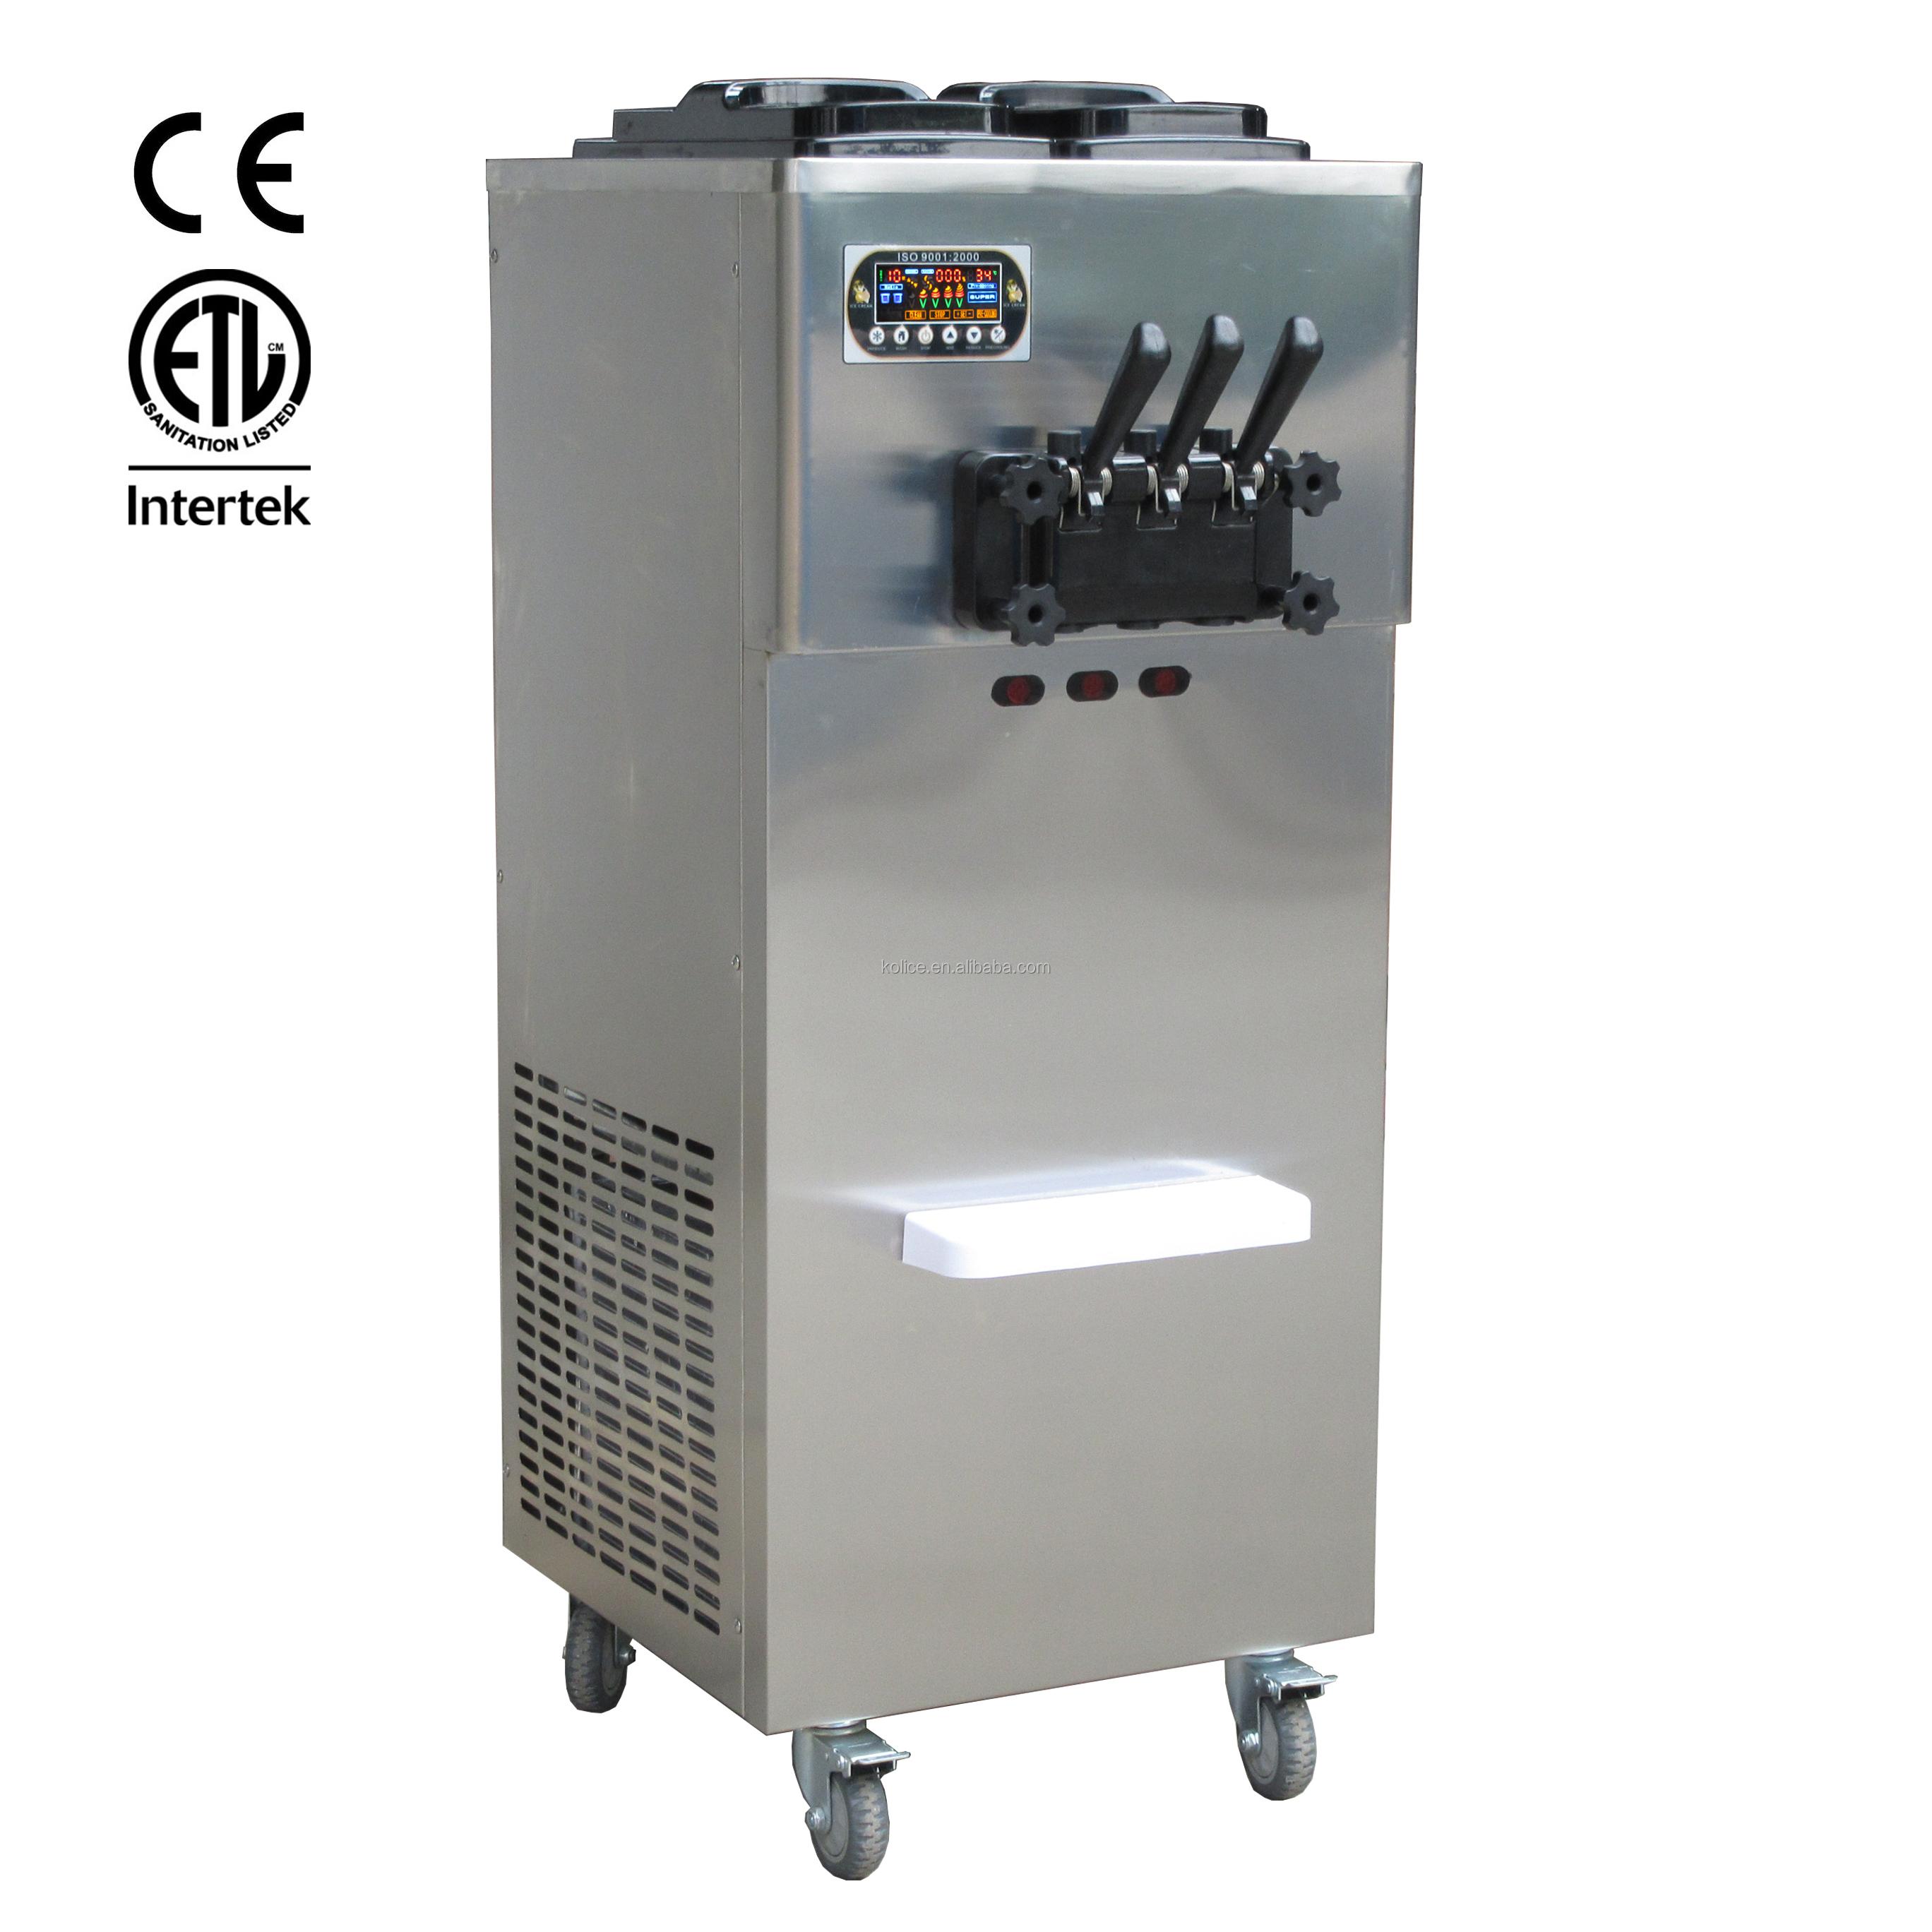 Yüksek kaliteli dondurma makinesi dondurma yapımı için